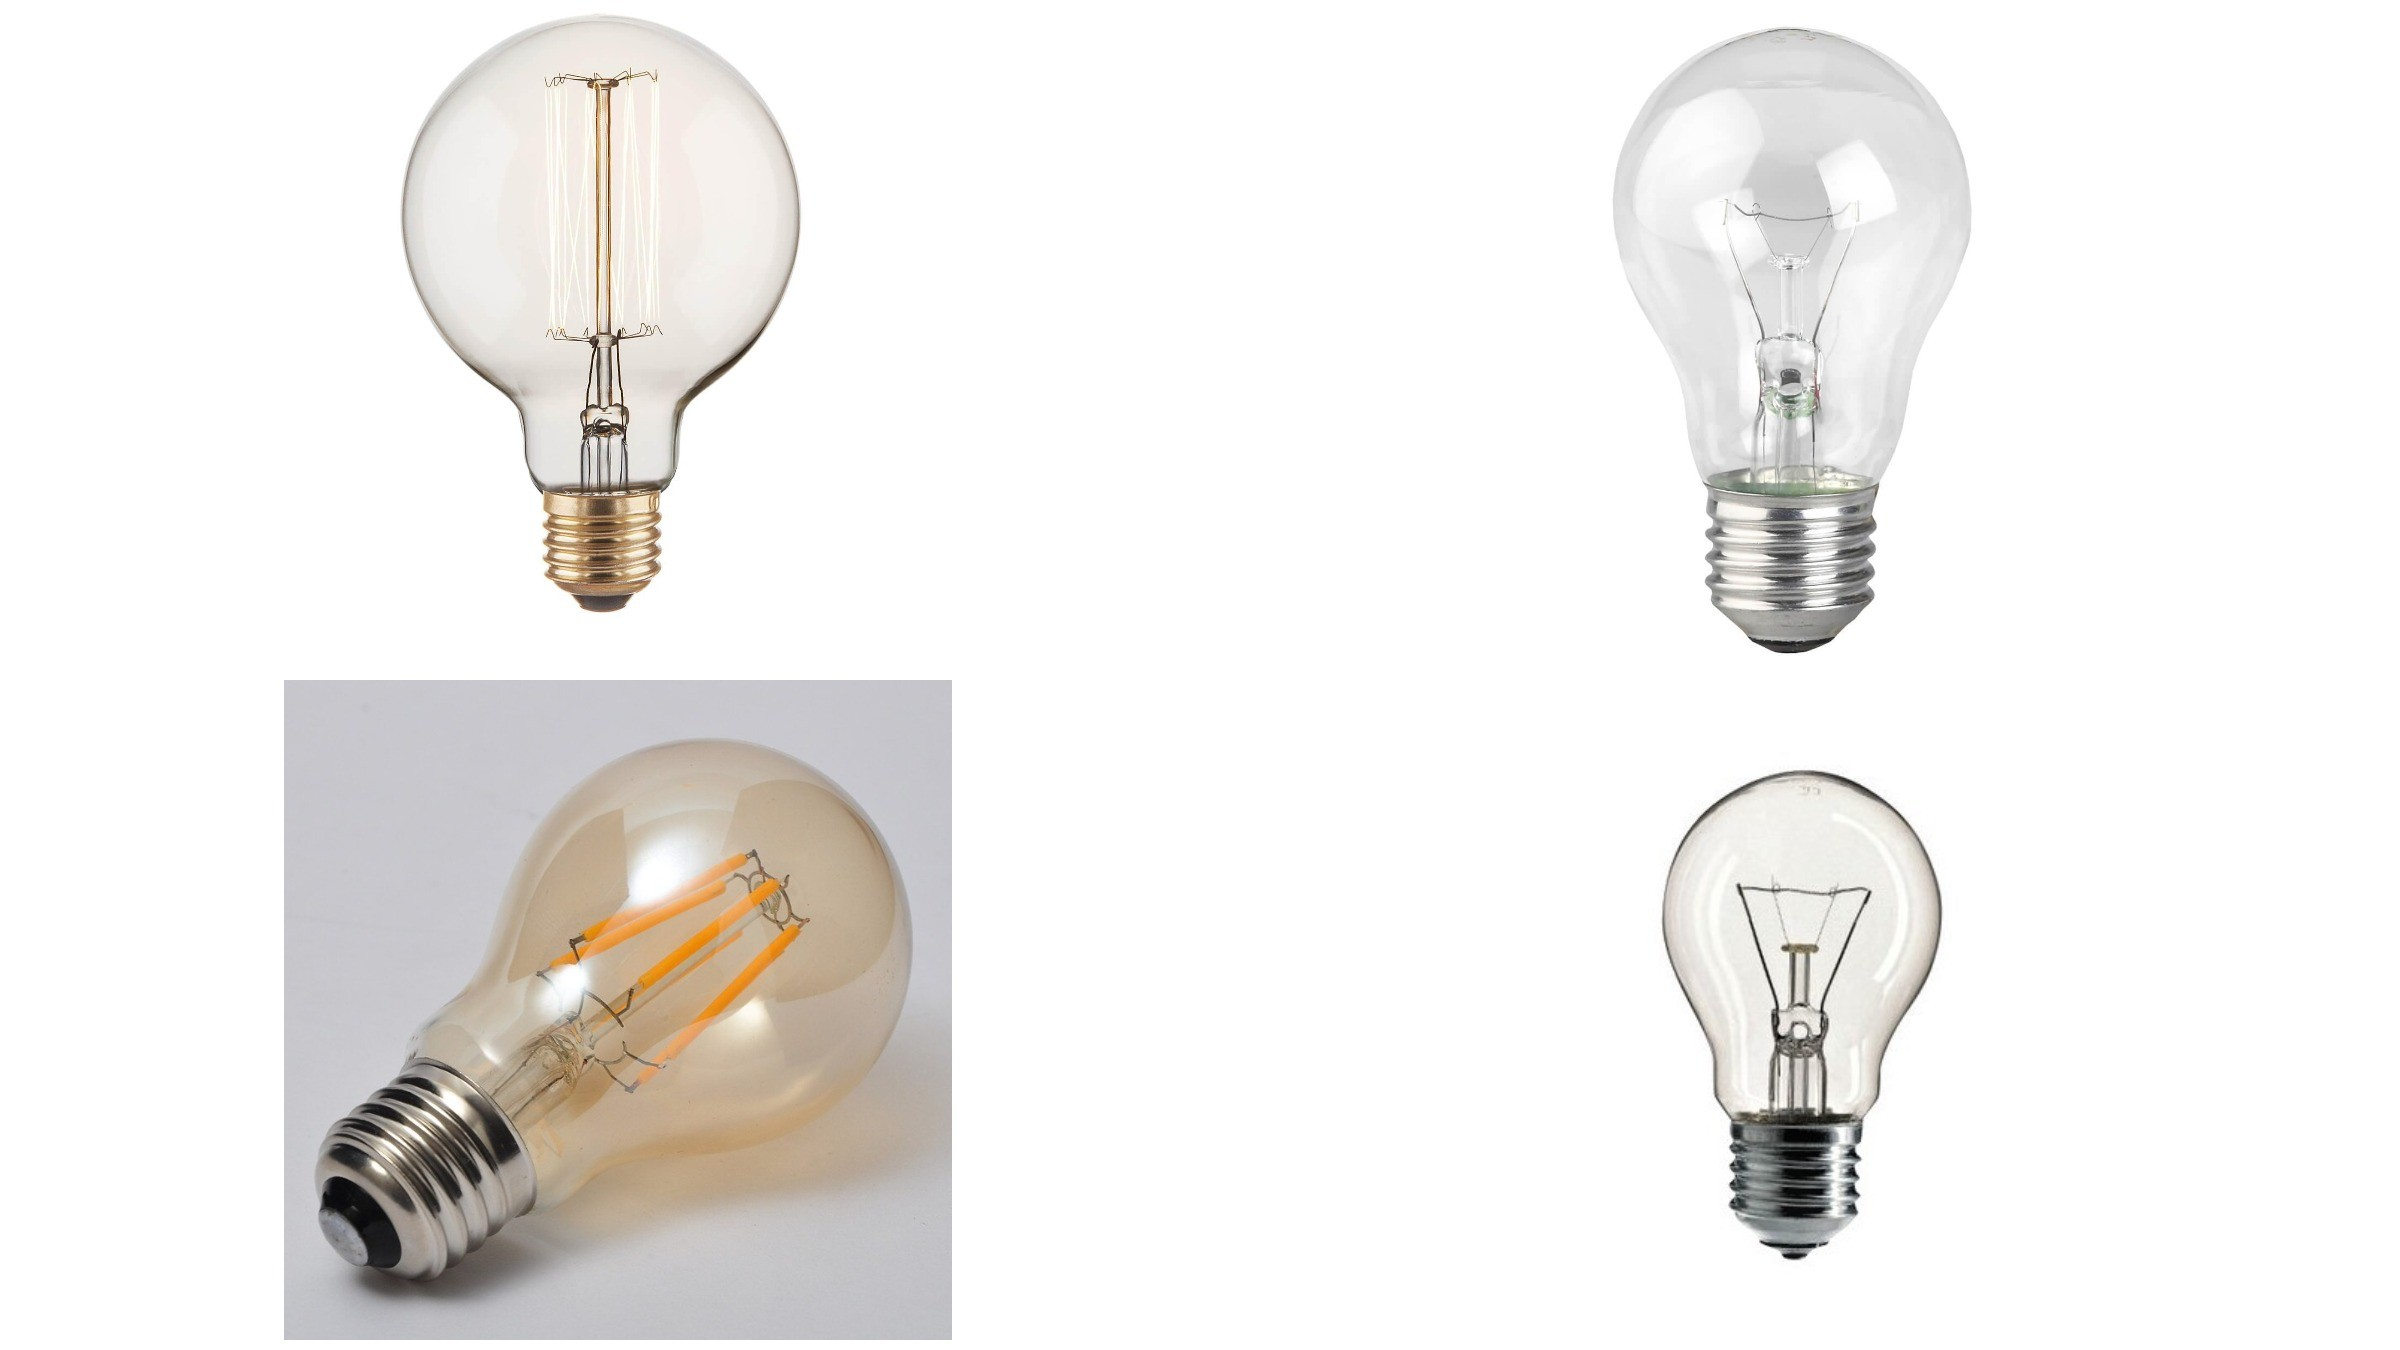 изображение ламп накаливания